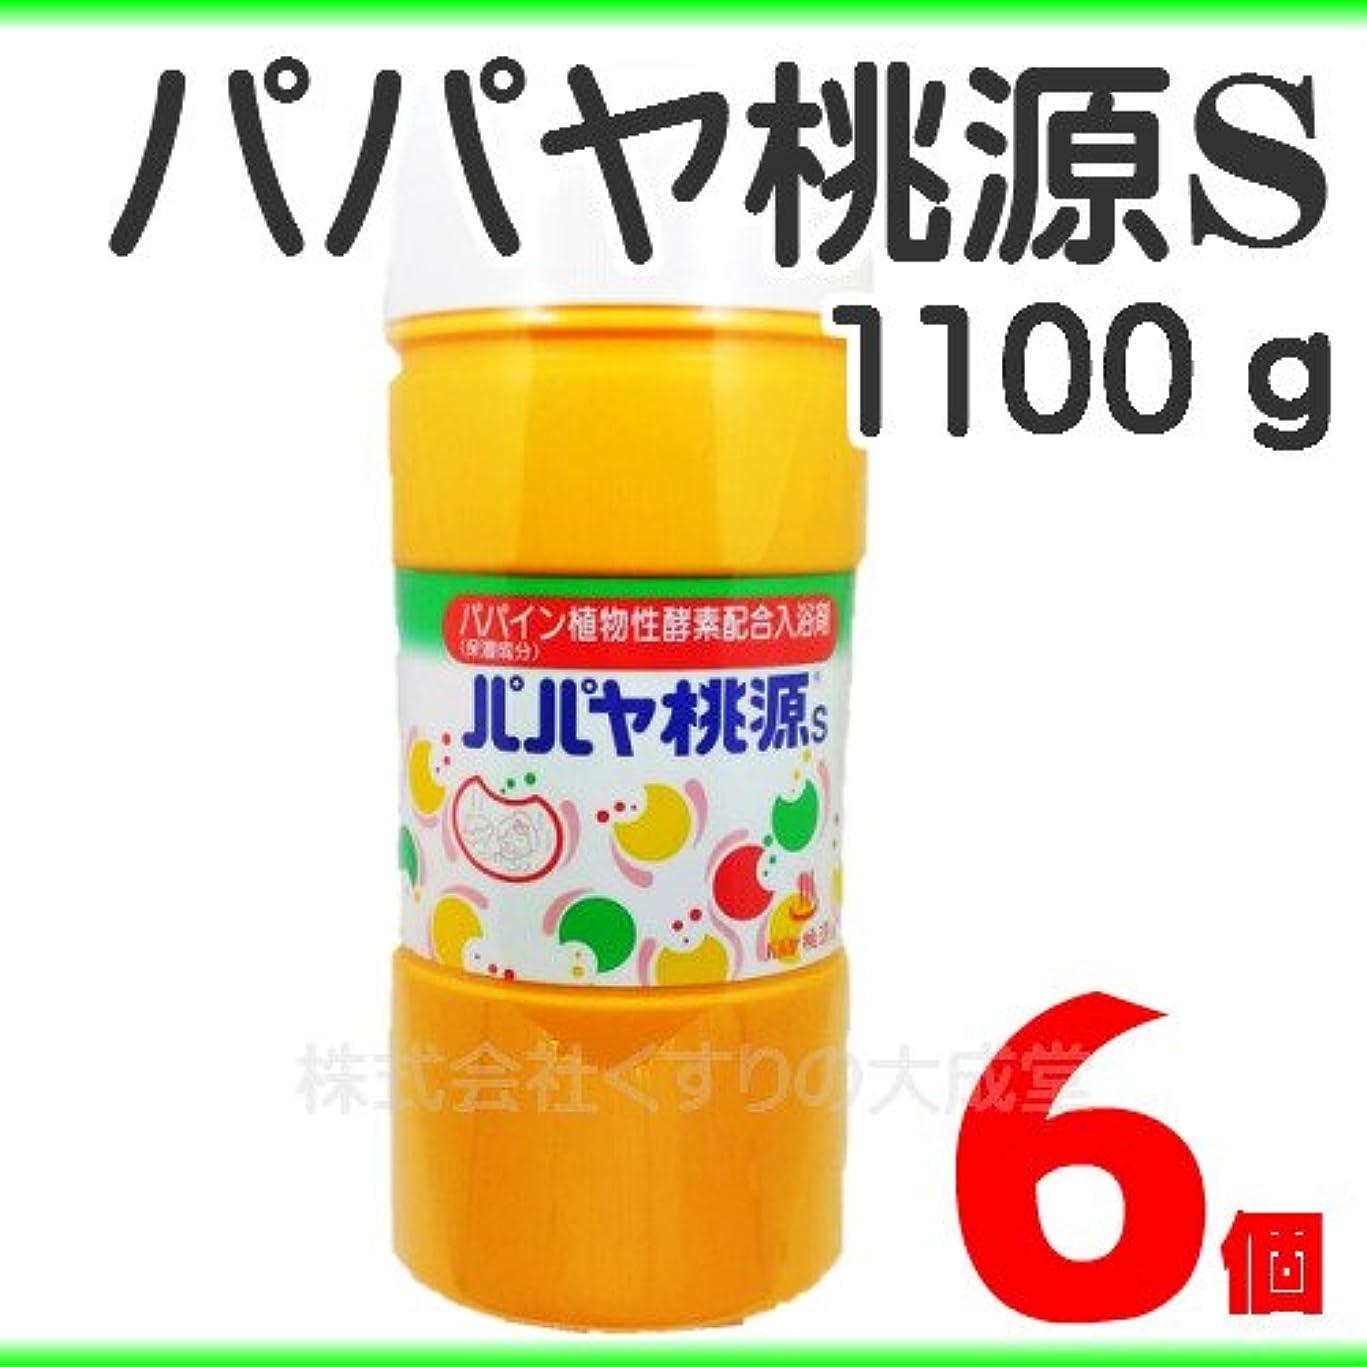 ファイアル注入する代理人パパヤ桃源S 1100g 6個 医薬部外品